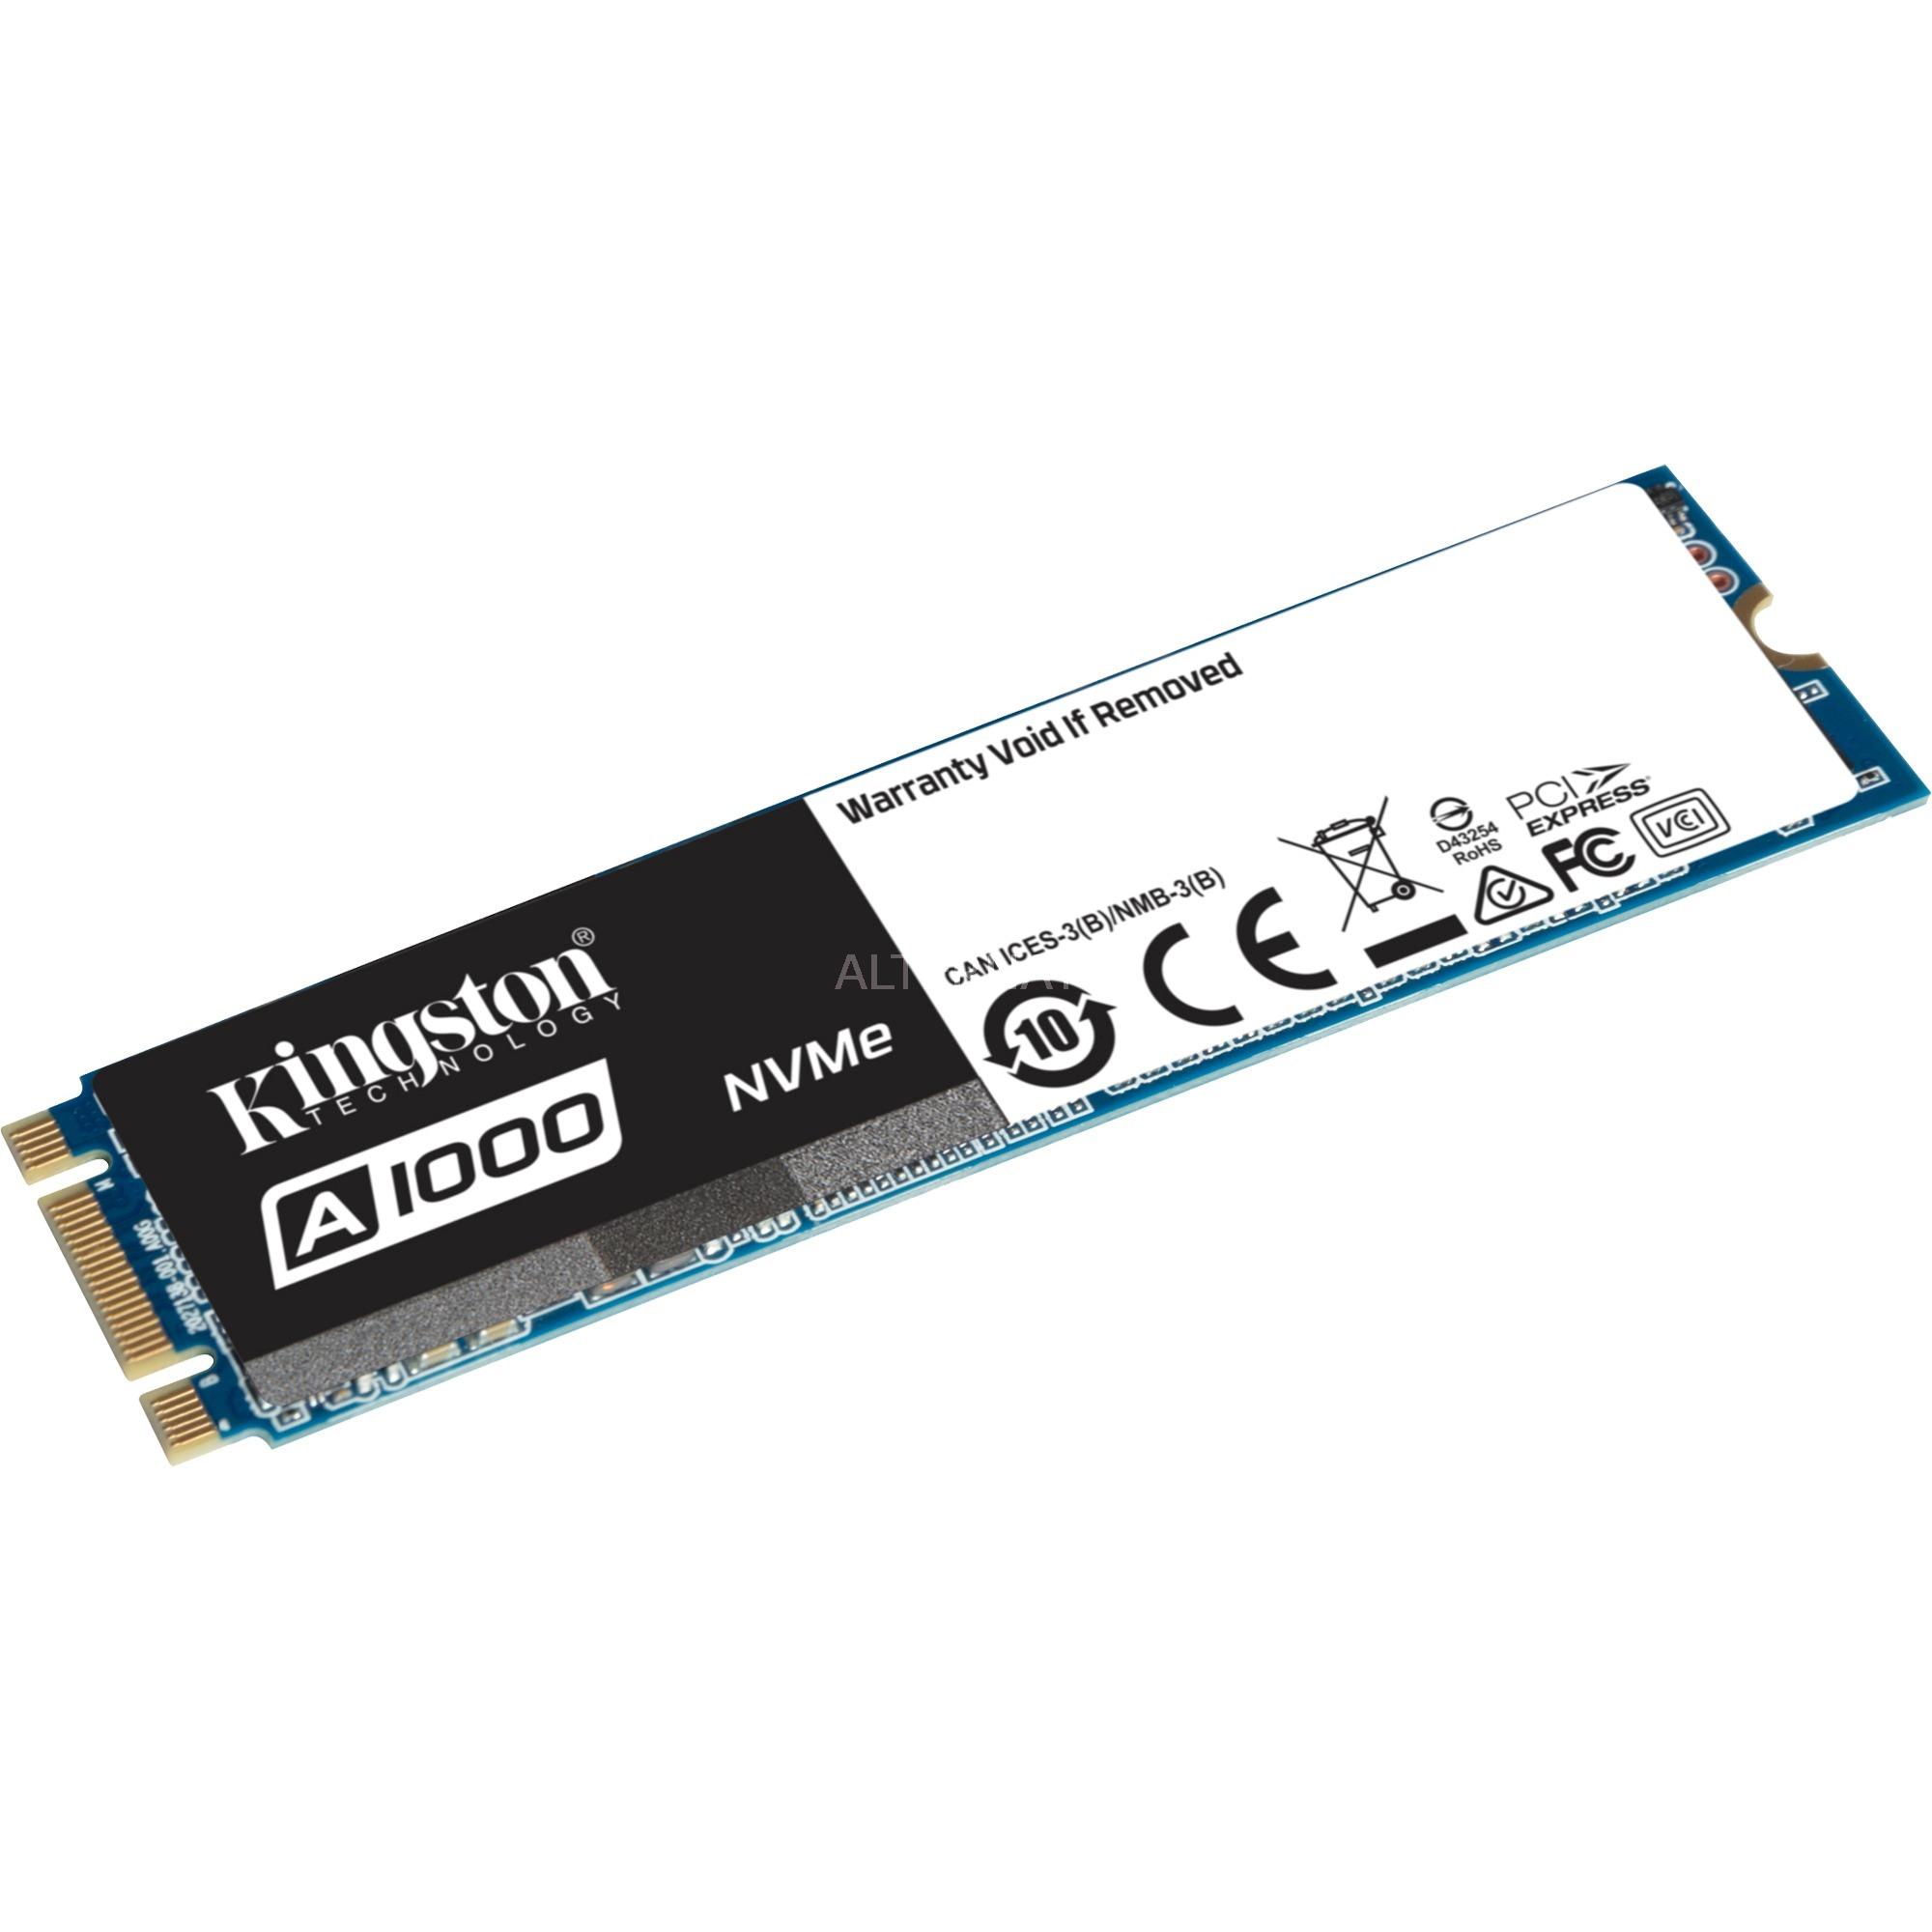 A1000 240 GB PCI Express M.2, Unidad de estado sólido